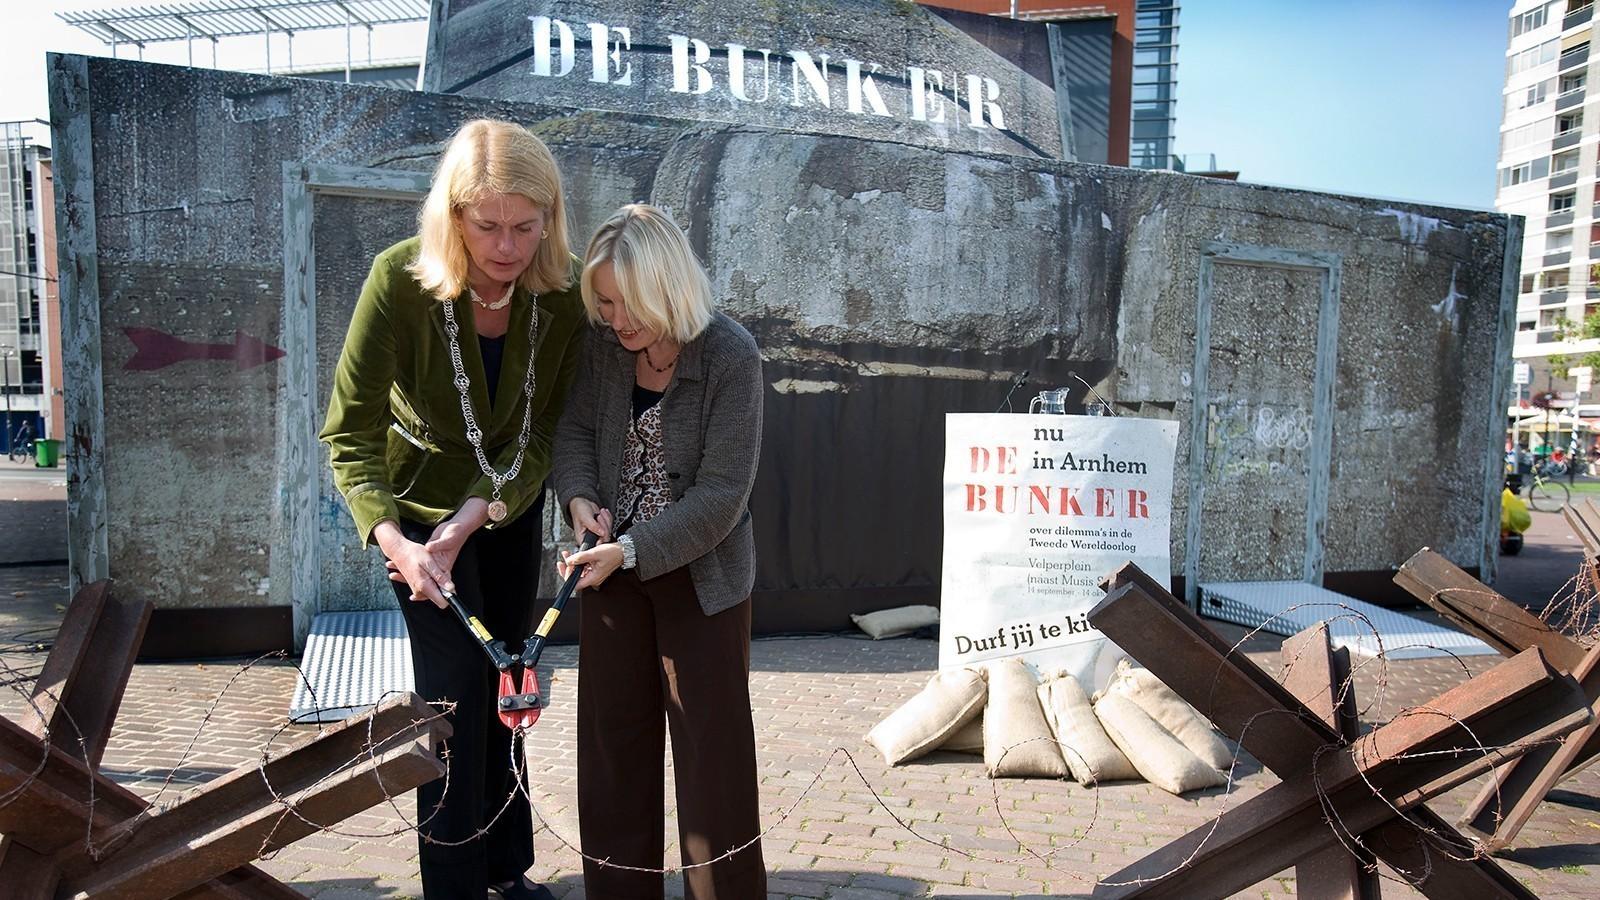 De Bunker exhibition